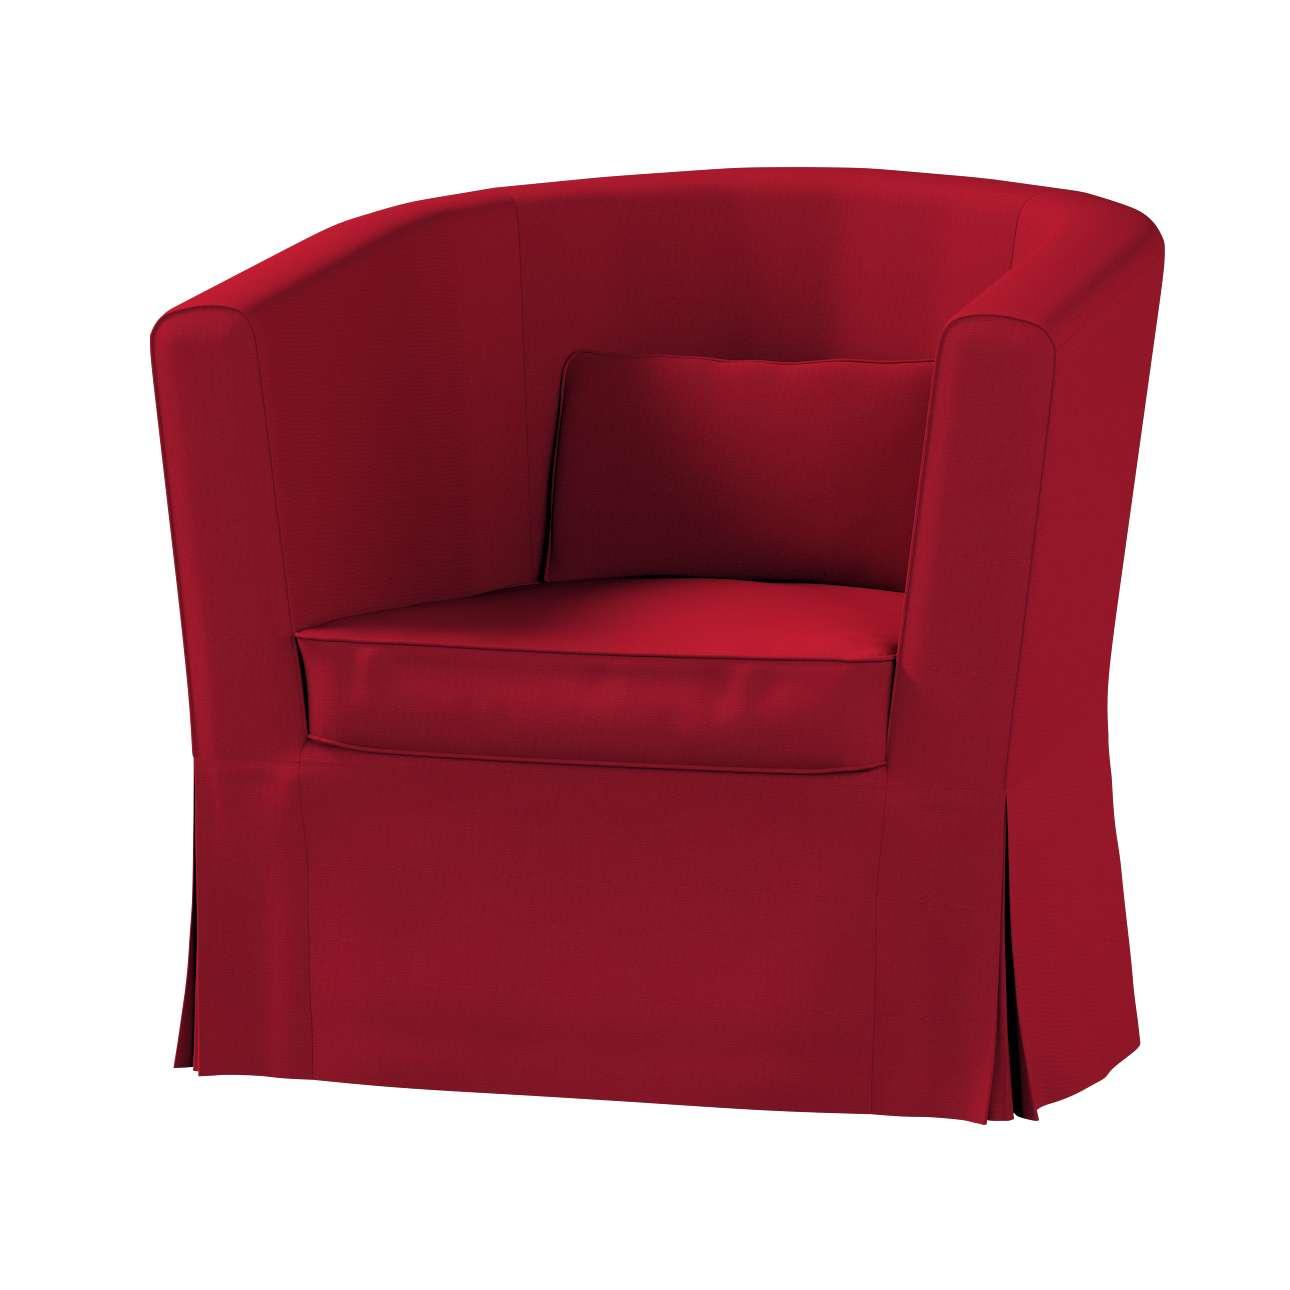 EKTORP TULLSTA fotelio užvalkalas Ektorp Tullsta fotelio užvalkalas kolekcijoje Etna , audinys: 705-60